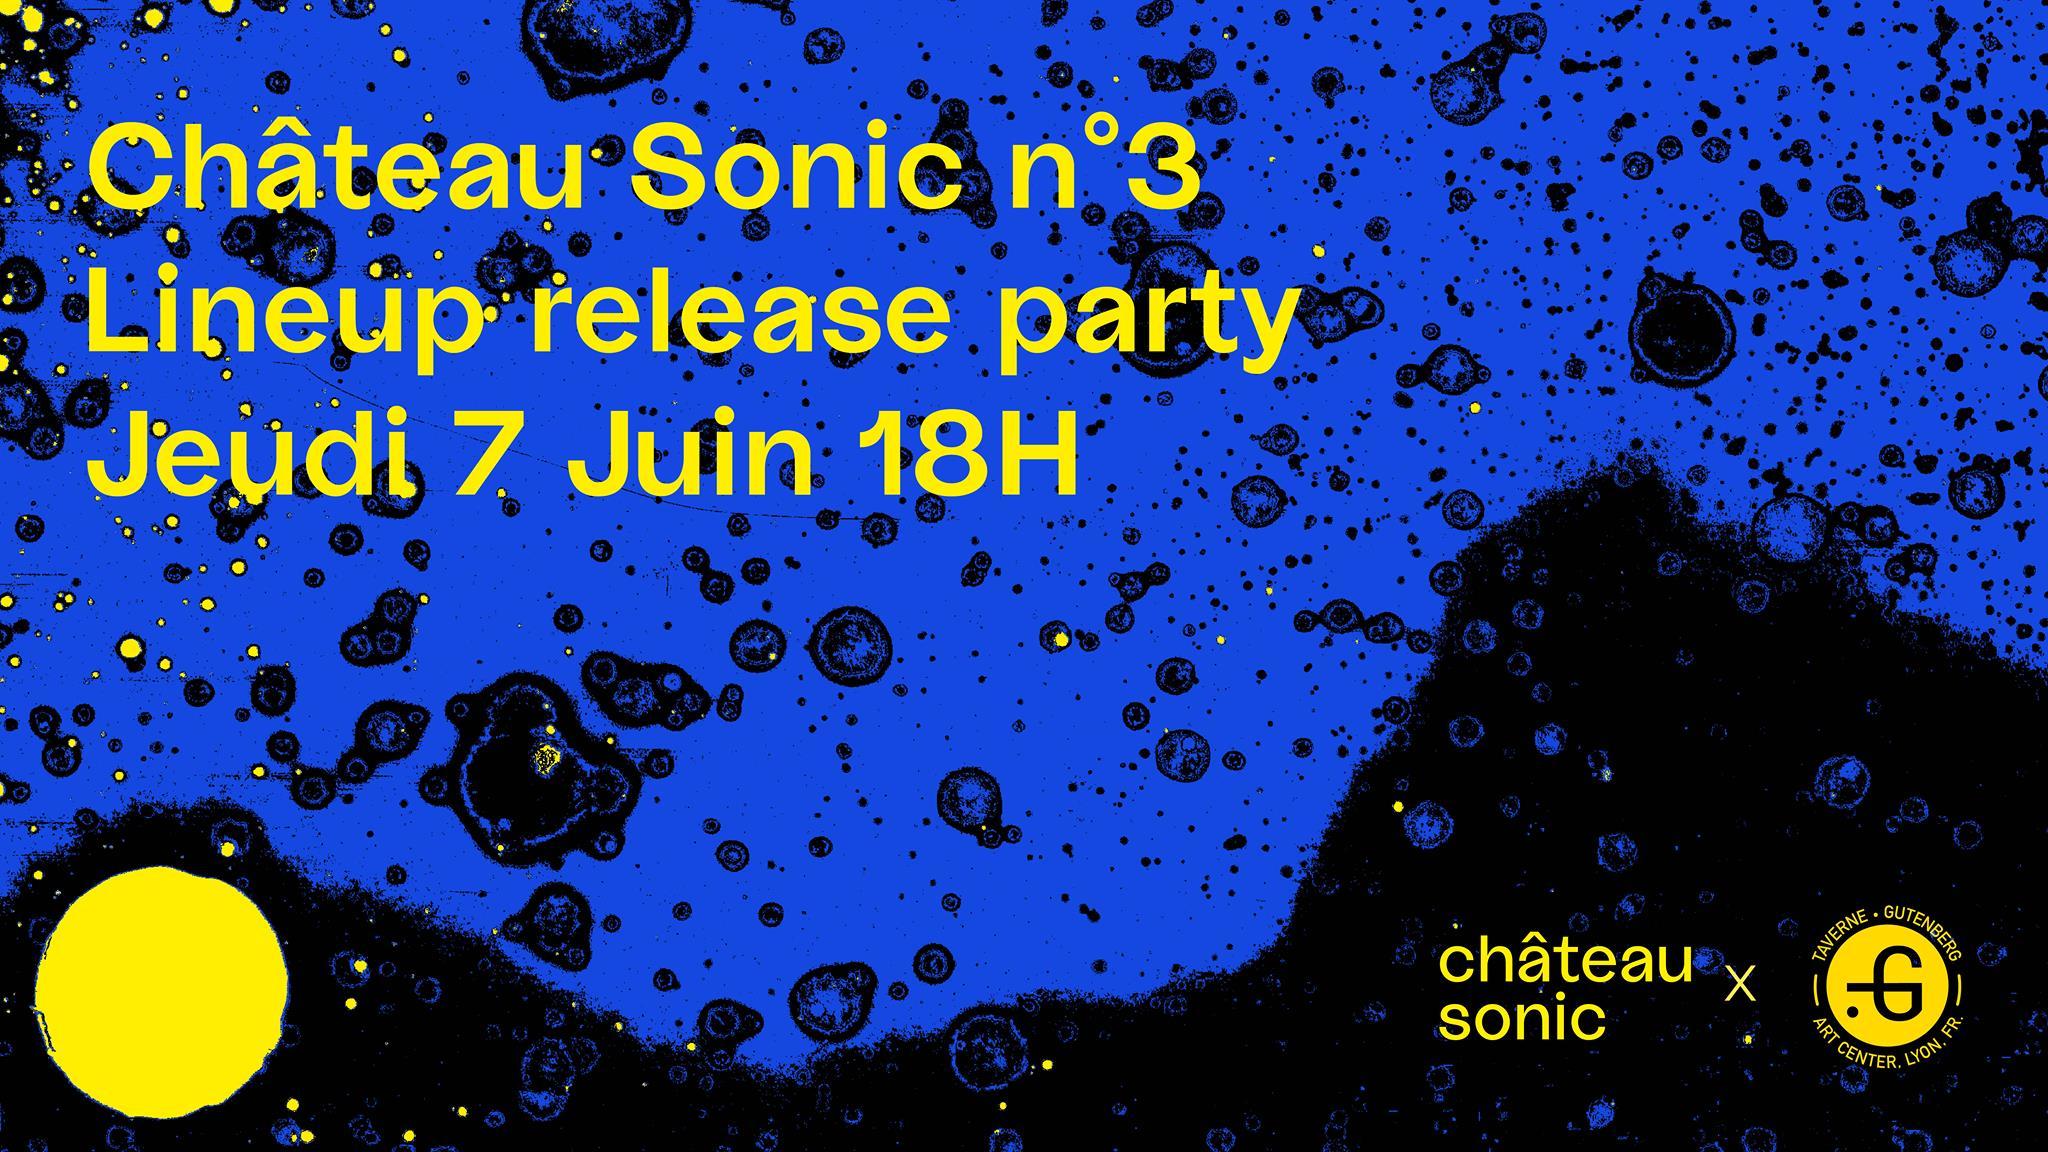 Chateau Sonic n3, 07/06